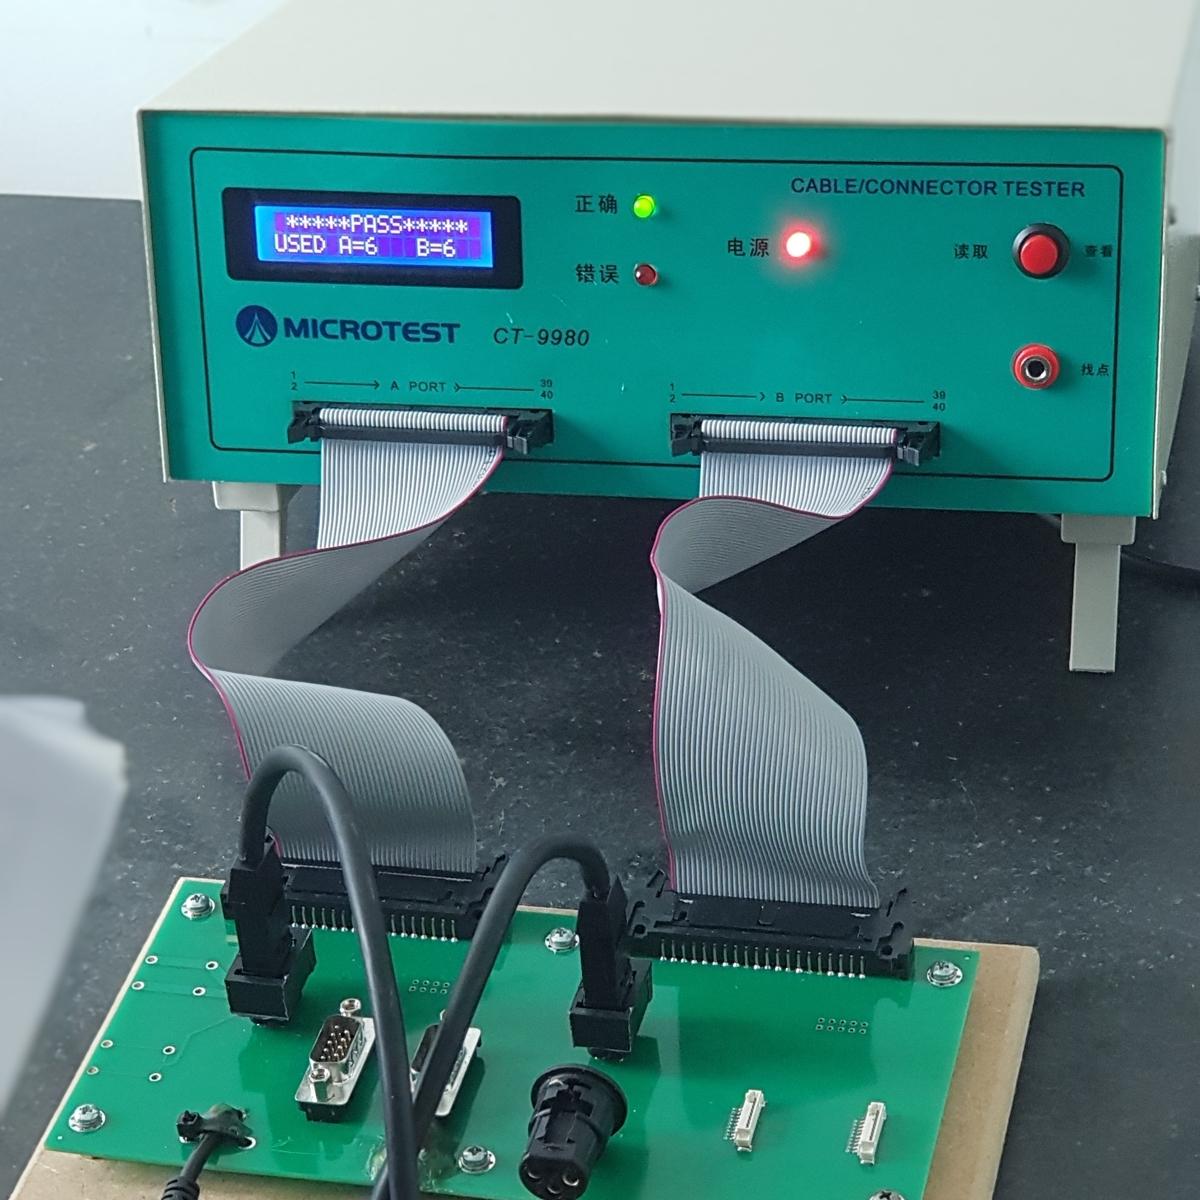 kabeltester is een teostel om elektrische kabels te testen